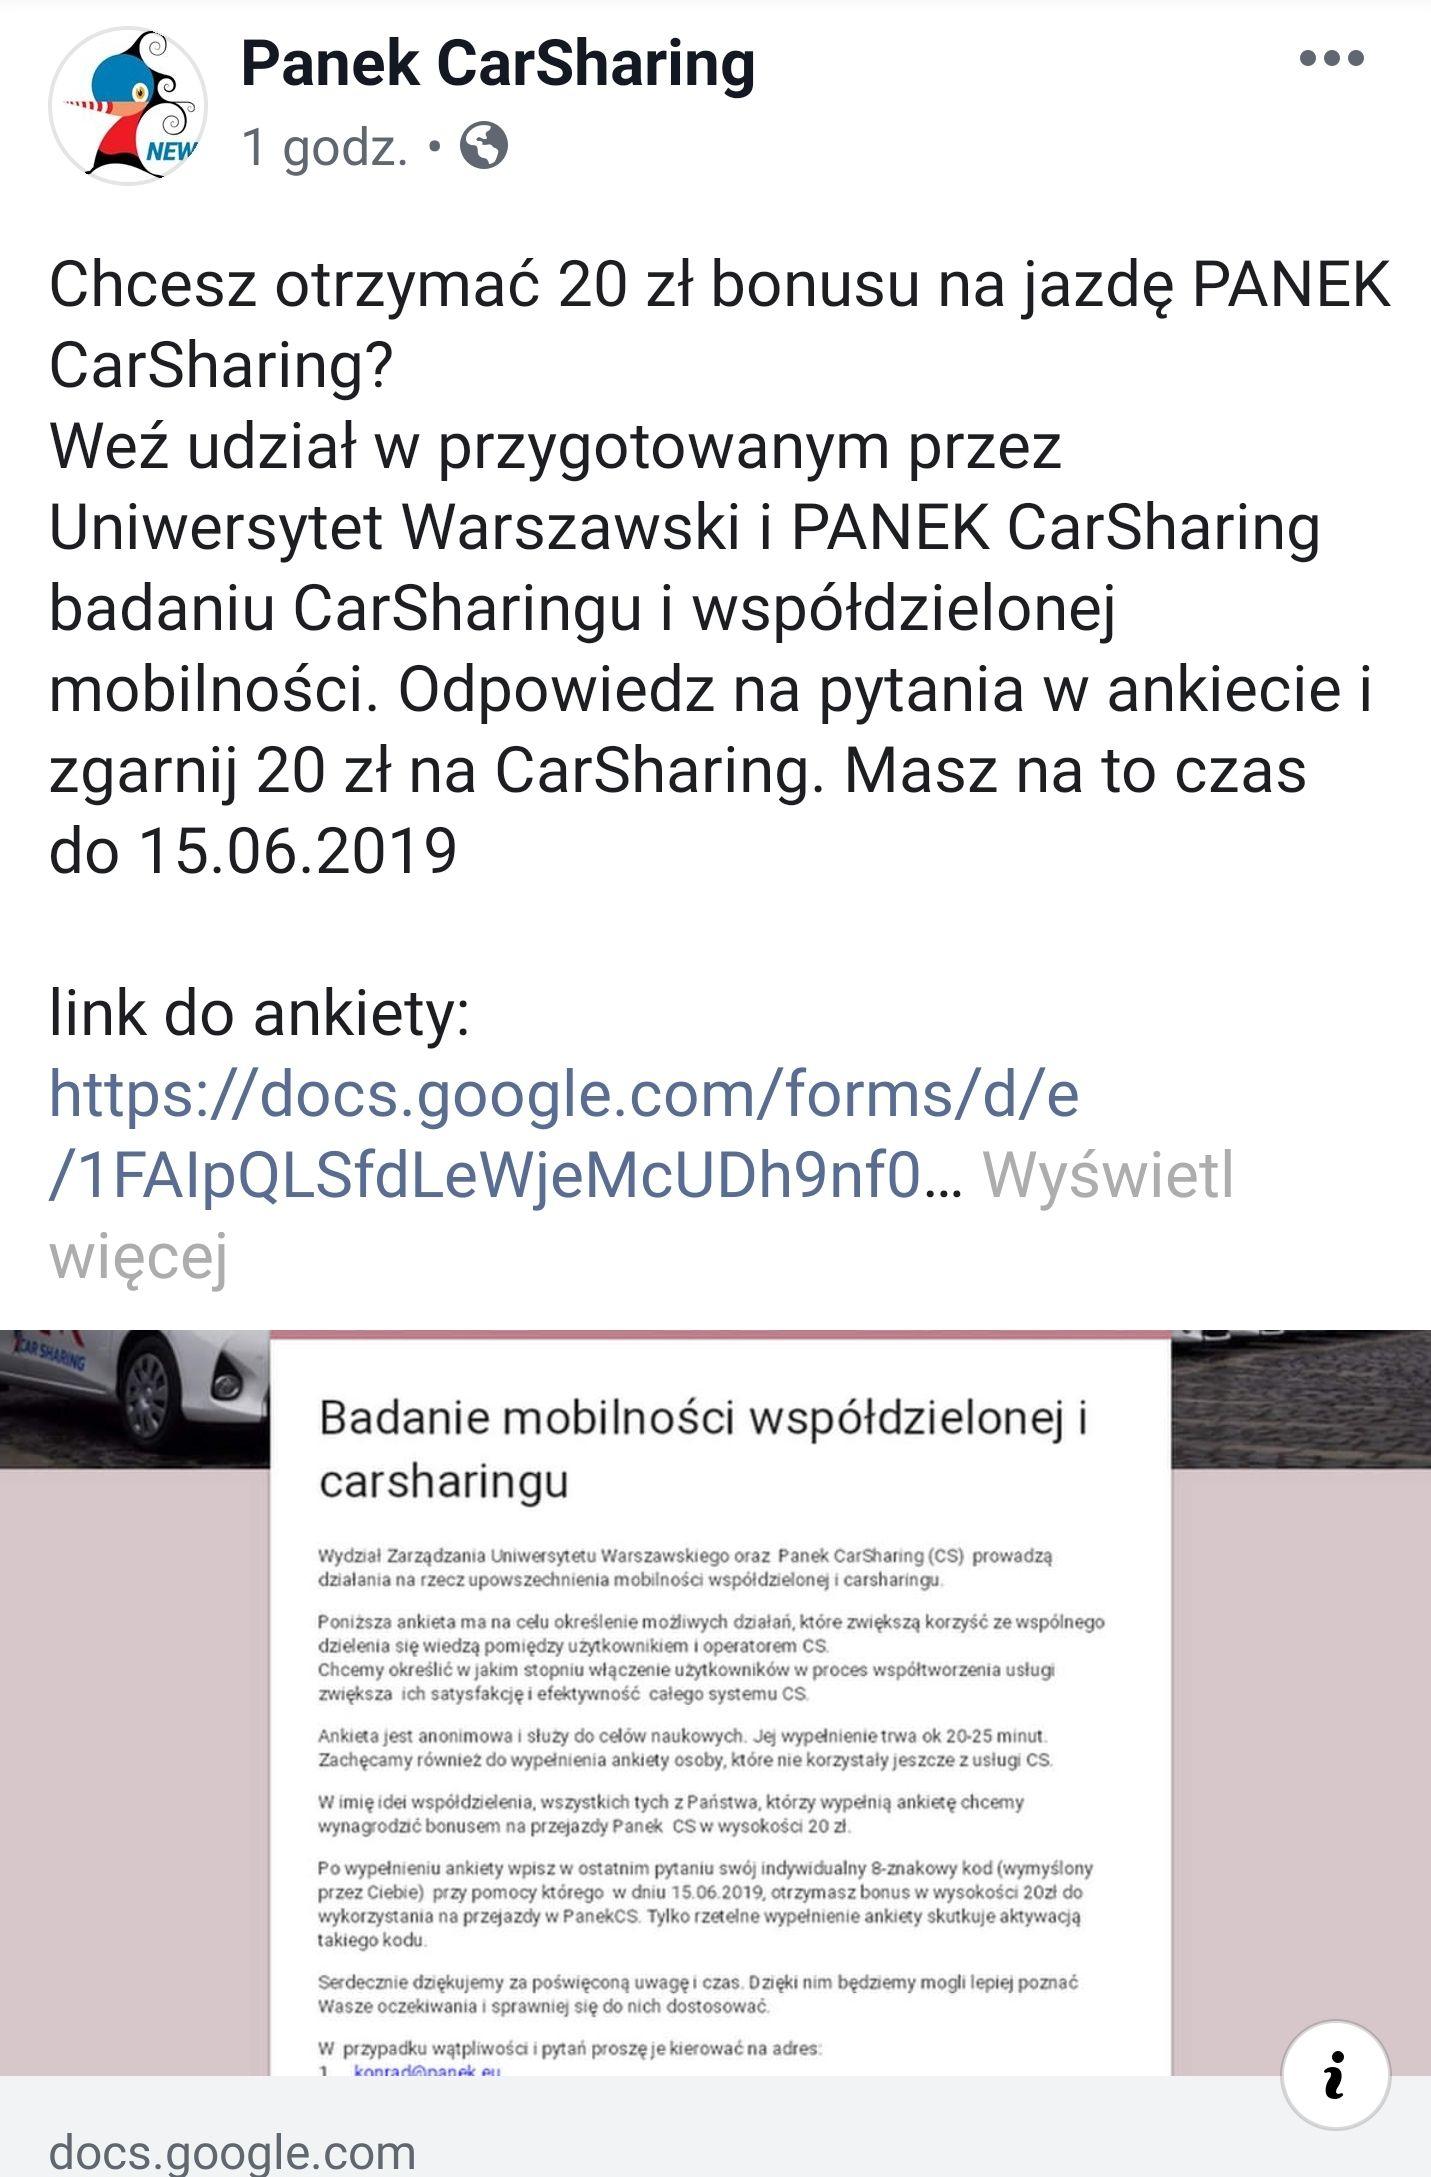 Panek CarSharing  - voucher 20 zł za wypełnienie ankiety